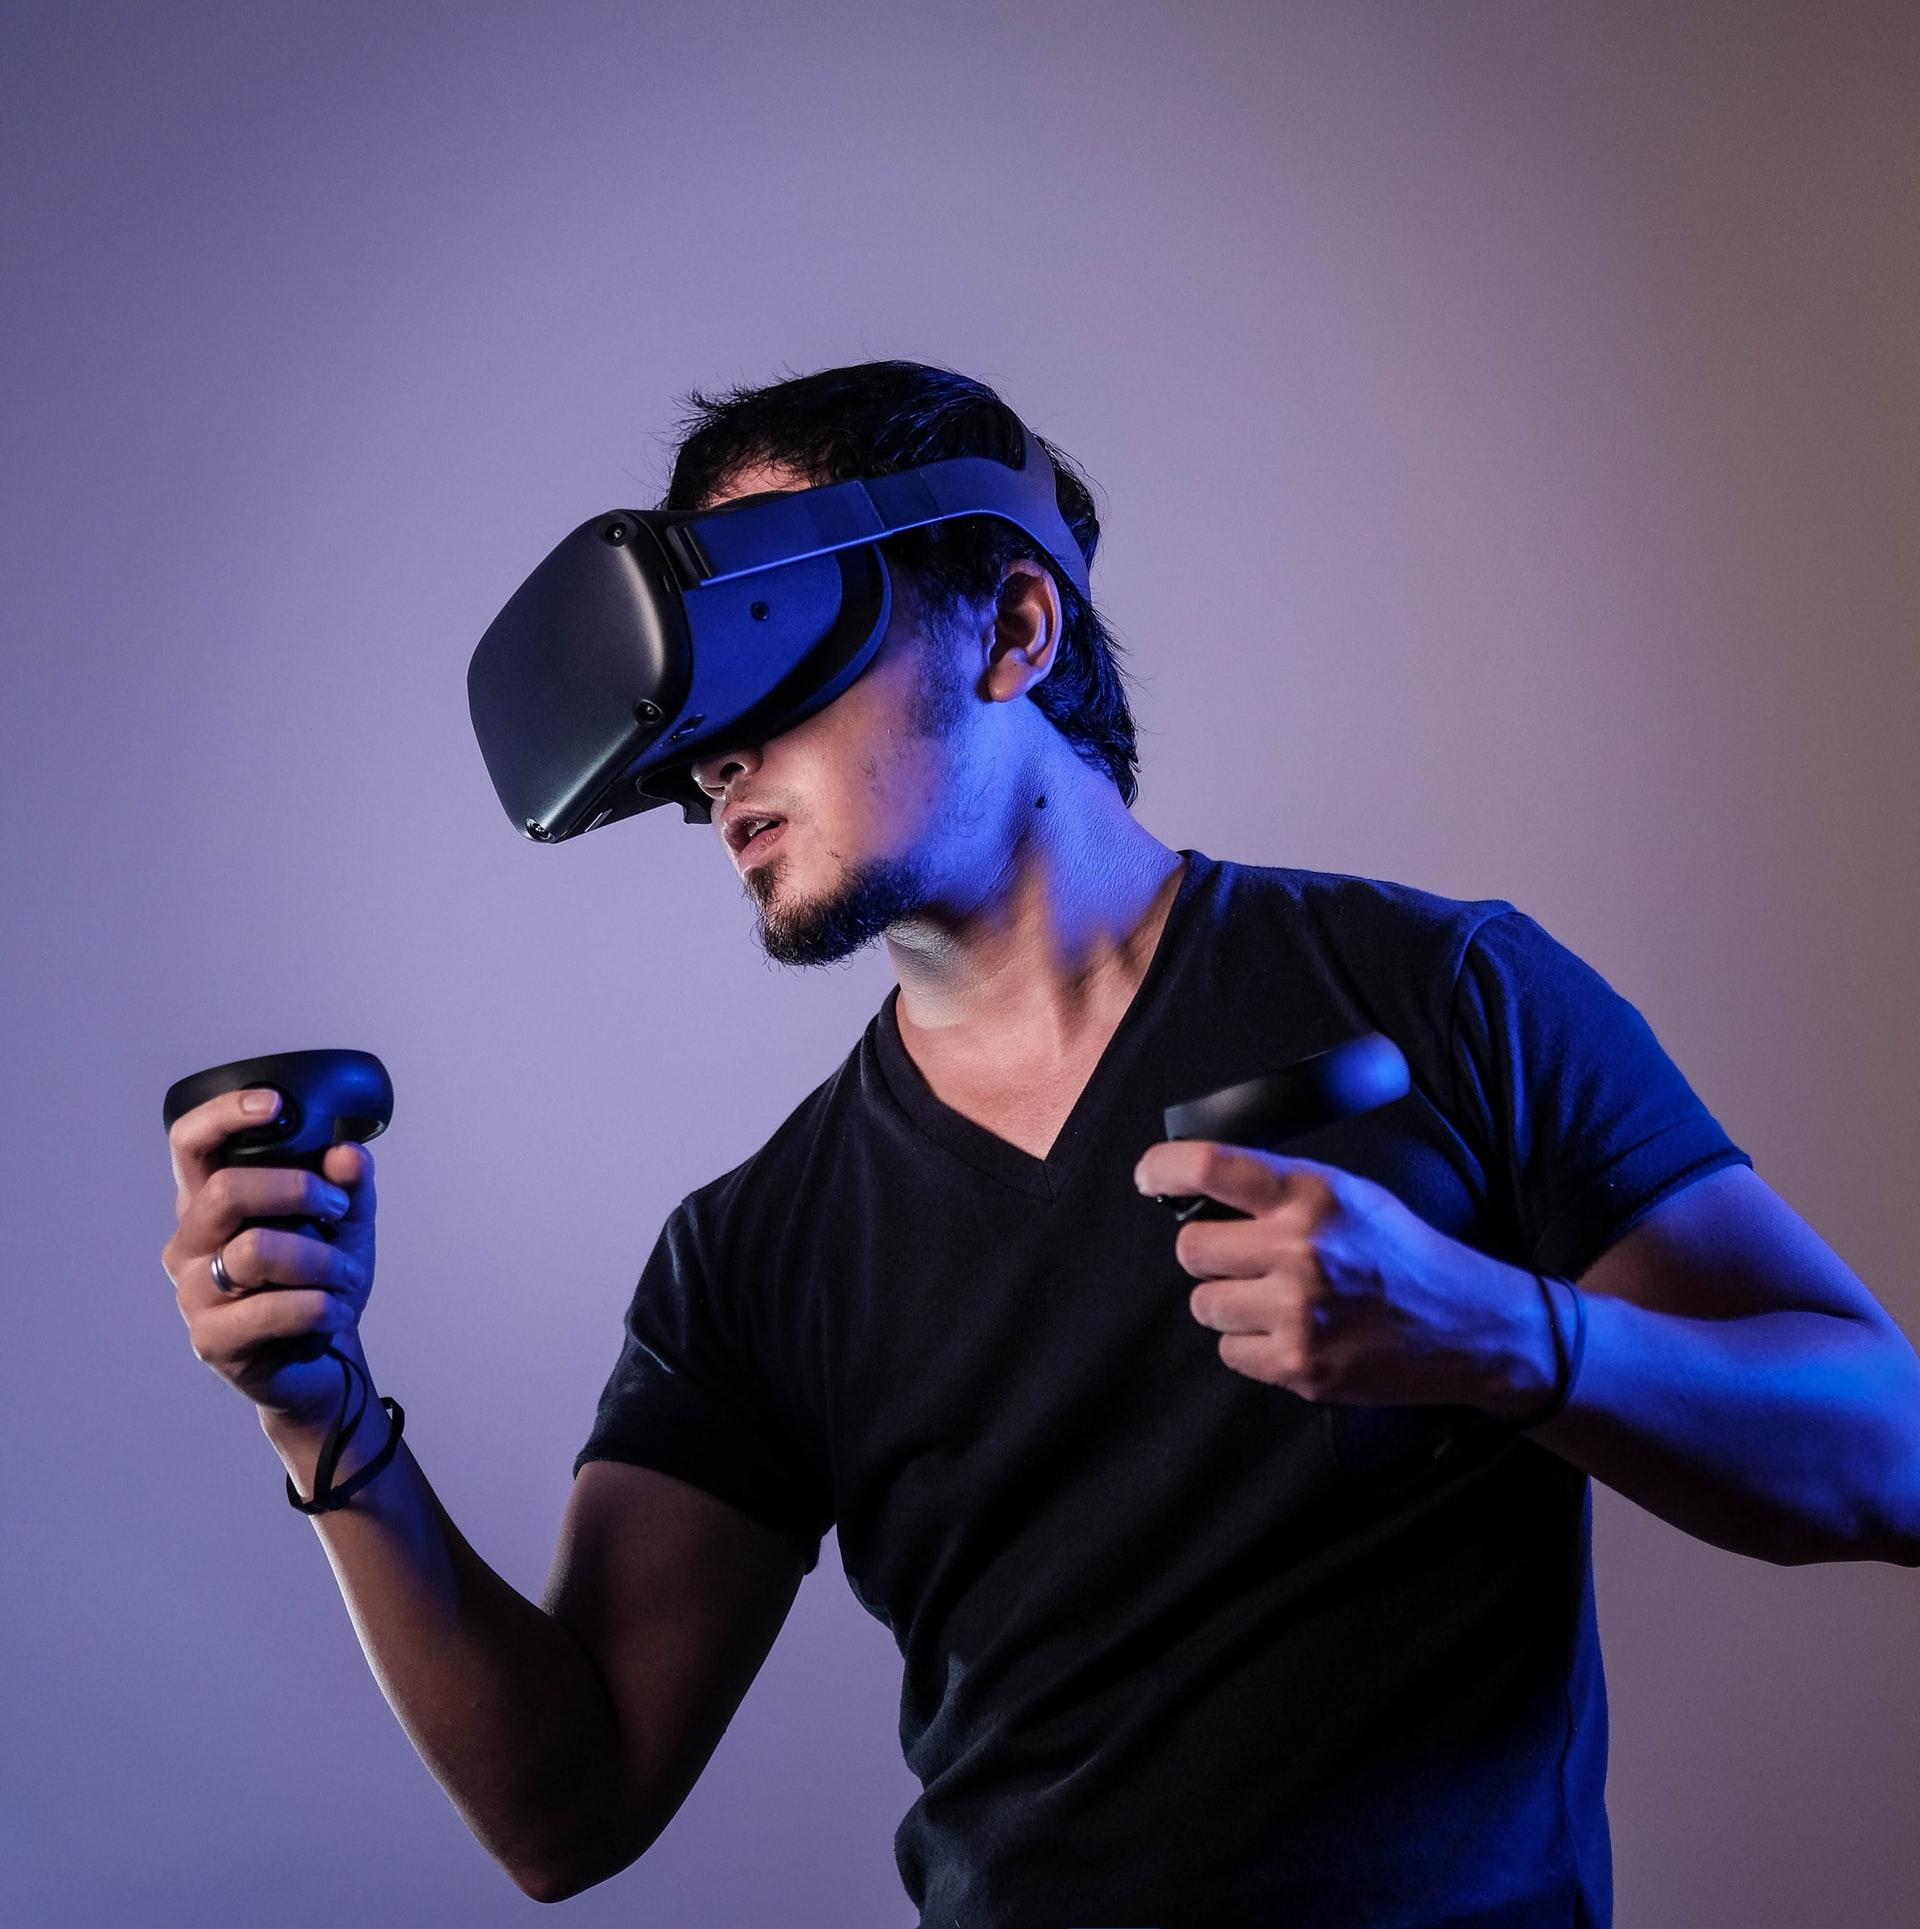 ¿Realidad virtual? 10 juegos que debes probar en tu Android